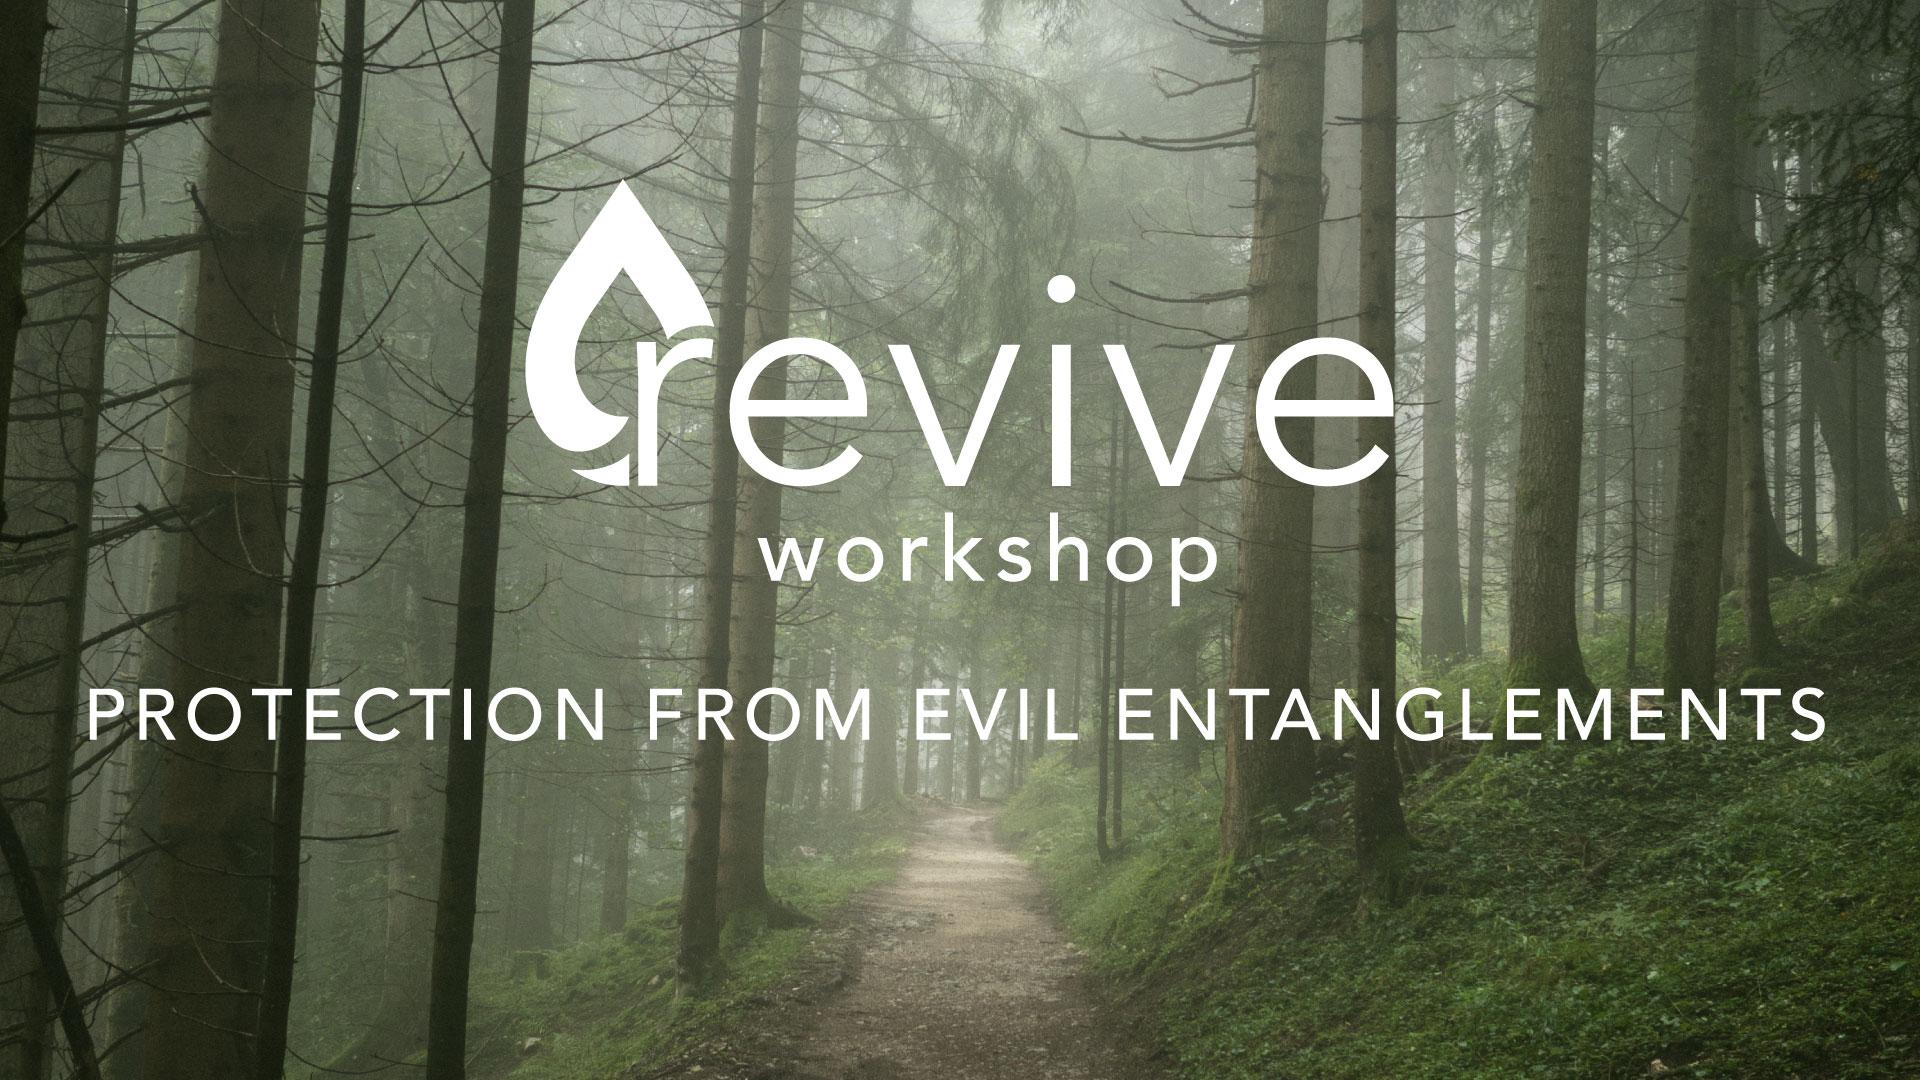 Revive-Workshop-Protection-From-Evil-Entanglements.jpg